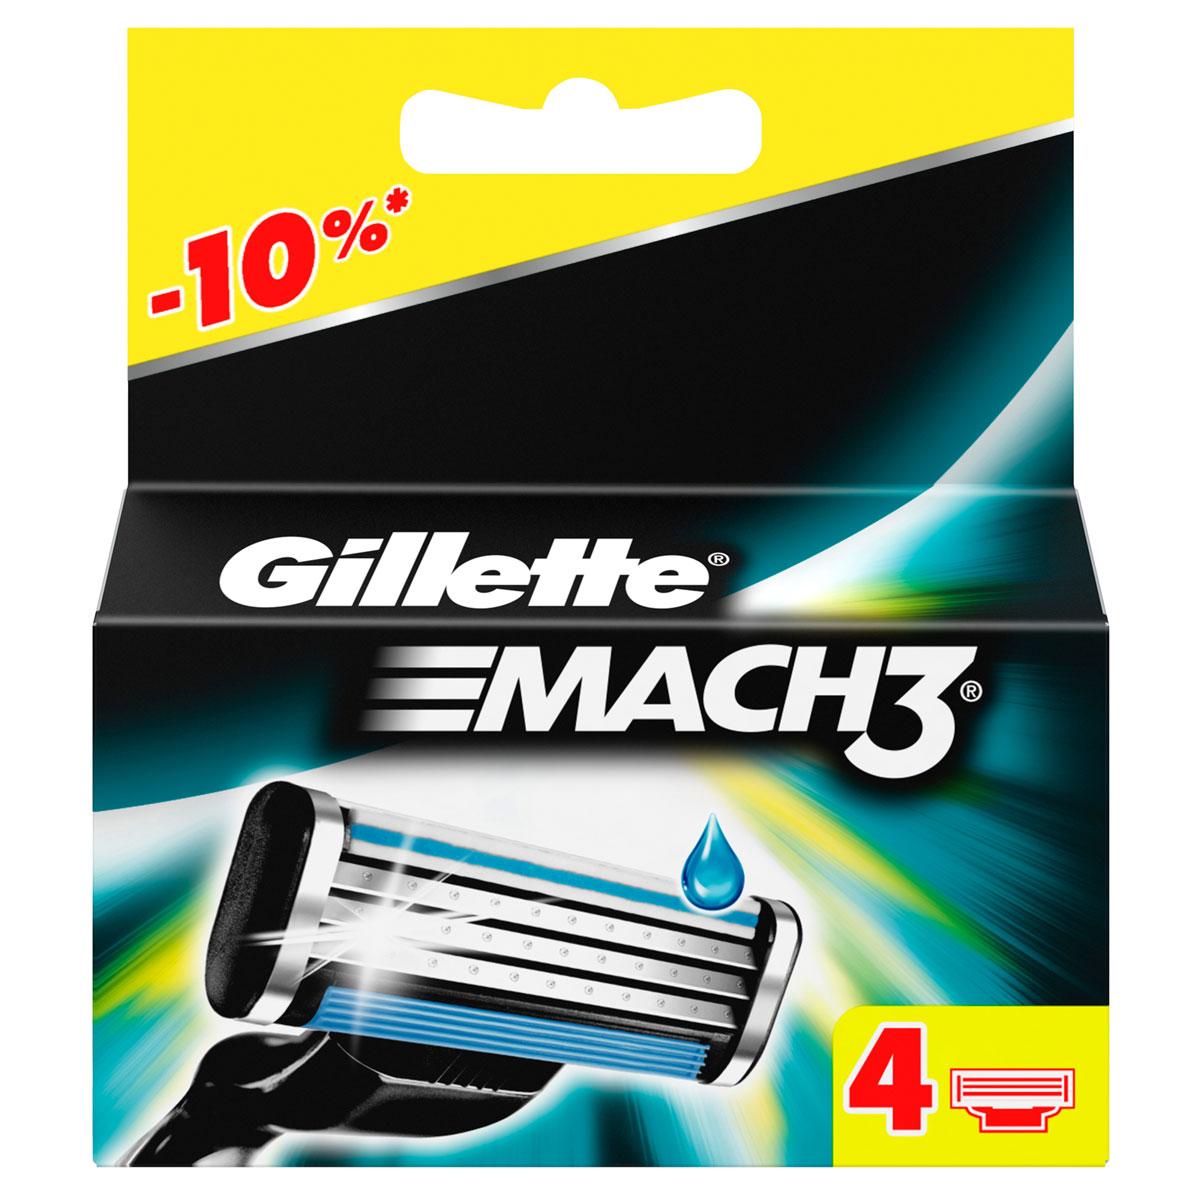 Сменные кассеты для бритья Gillette Mach 3, 4 шт.MAG-13284667Даже 10-ое бритье Mach3 комфортнее 1-го одноразовой бритвой.Почувствуйте исключительную эффективность Mach3! Это бритва включает в себя гелевую полоску, которая способствует скольжению и защищает кожу от покраснения, также полоска исчезает, когда кассету пора менять. Плавающая головка обеспечивает тесный контакт лезвий с кожей, удобная ручка адаптируется к контурам лица для более легкого и комфортного бритья (по сравнению с одноразовыми бритвенными станками Blueell Plus). Даже после десятого использования бритвы ощущения более приятные, чем от одноразовых станков (по сравнению с одноразовыми станками для бритья Bluell Plus).По сравнению с Gillette BlueII Plus Срок хранения – 5 лет. Характеристики:Комплектация: 4 сменные кассеты. Товар сертифицирован.Состав смазывающей полоски: PEG-115M, PEG-7M, PEG-100, BHT, TOCOPHERYL ACETATE.